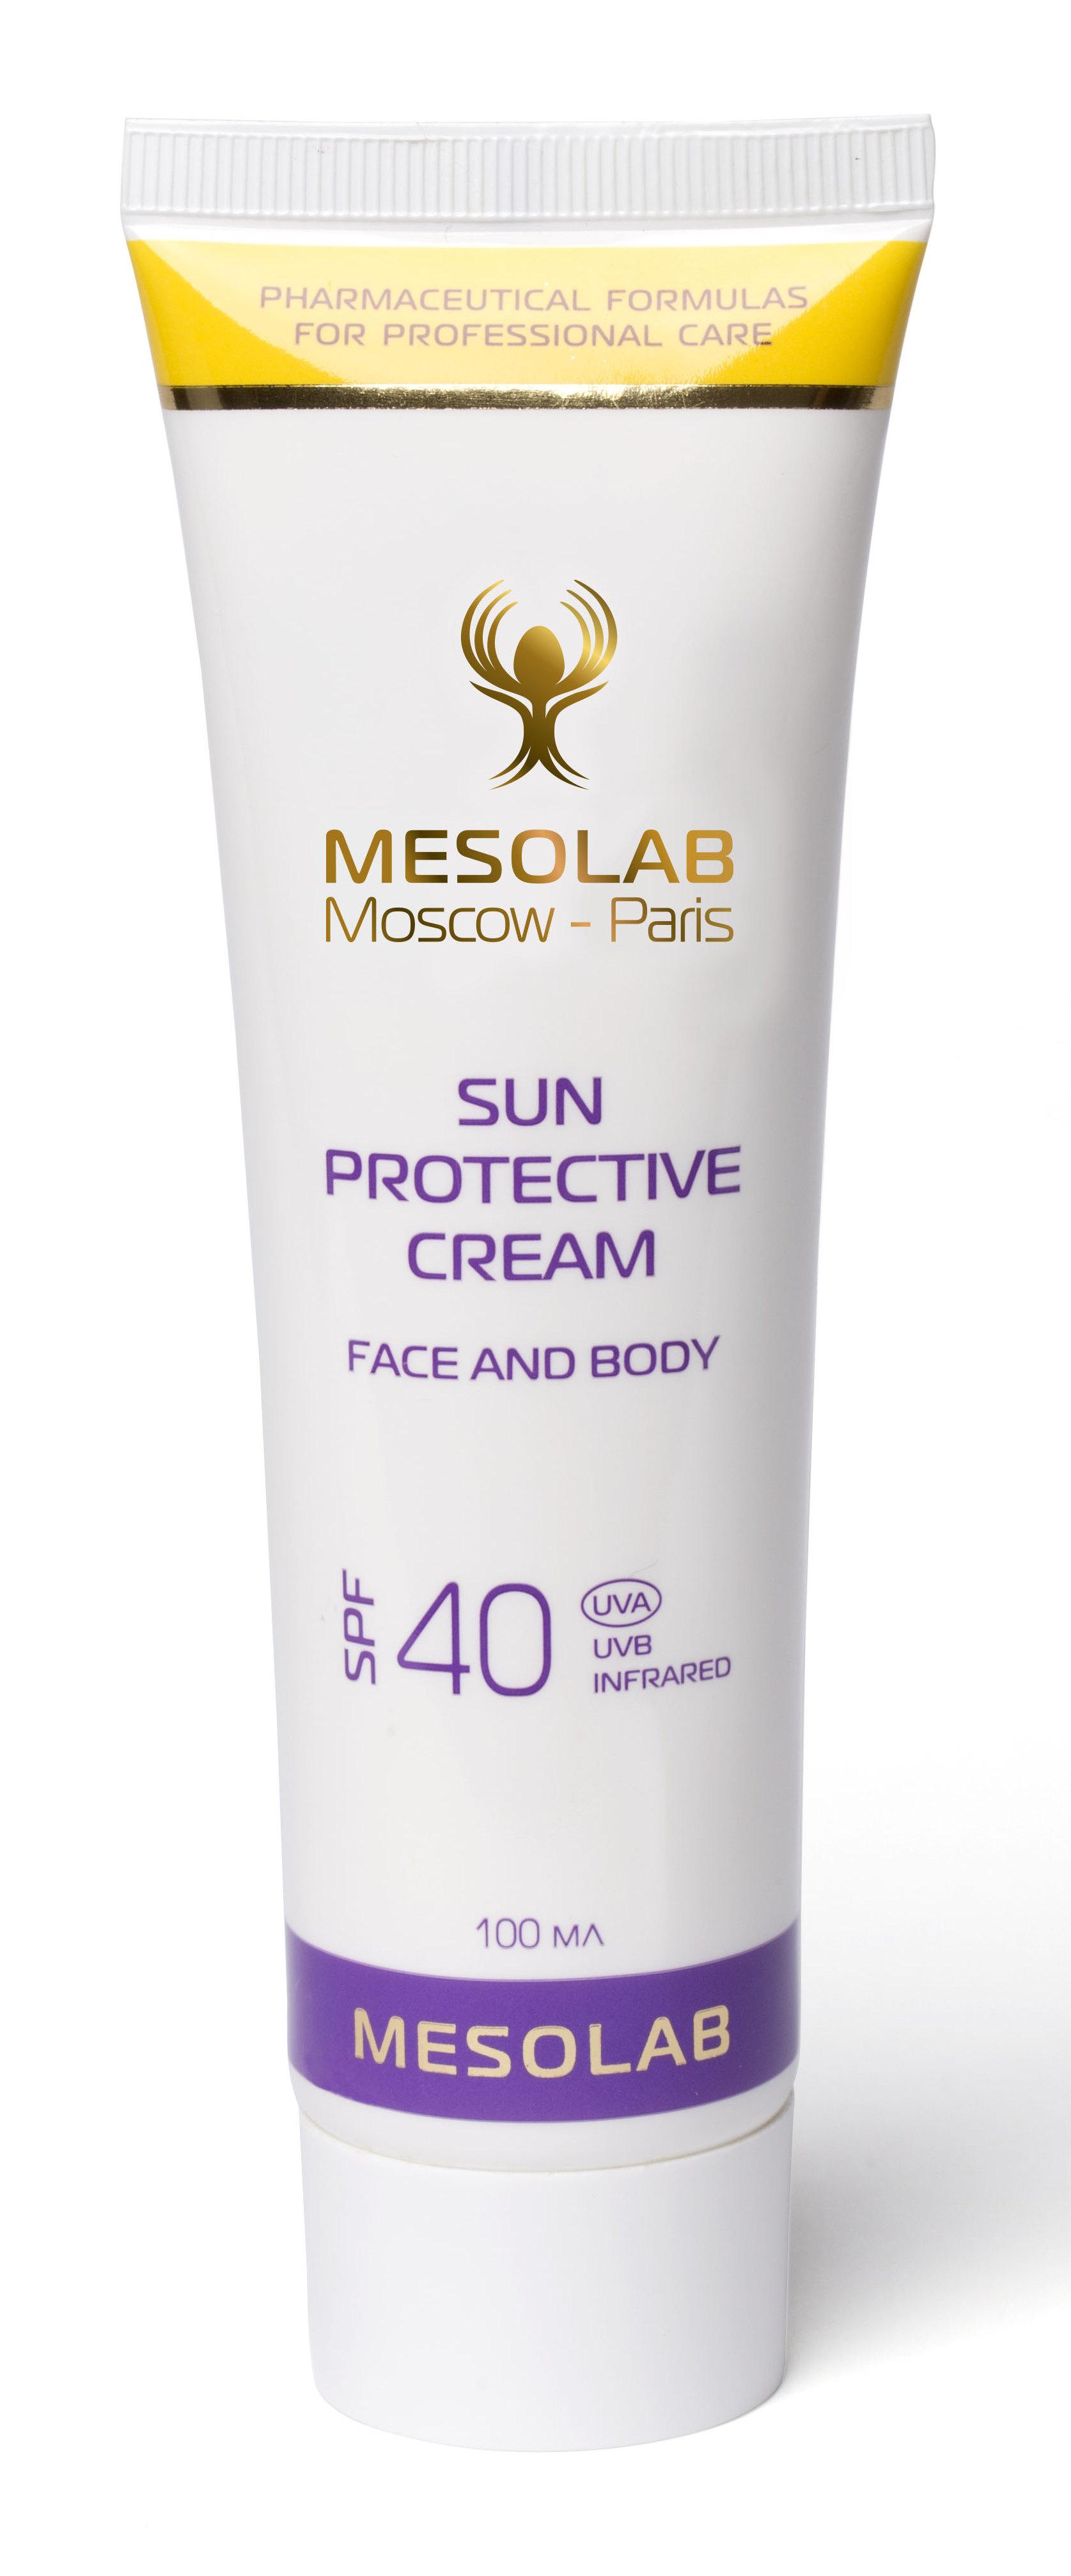 MESOLAB Крем солнечный высокая защита / SUN PROTECTIVE CREAM SPF 40 100 мл -  Кремы